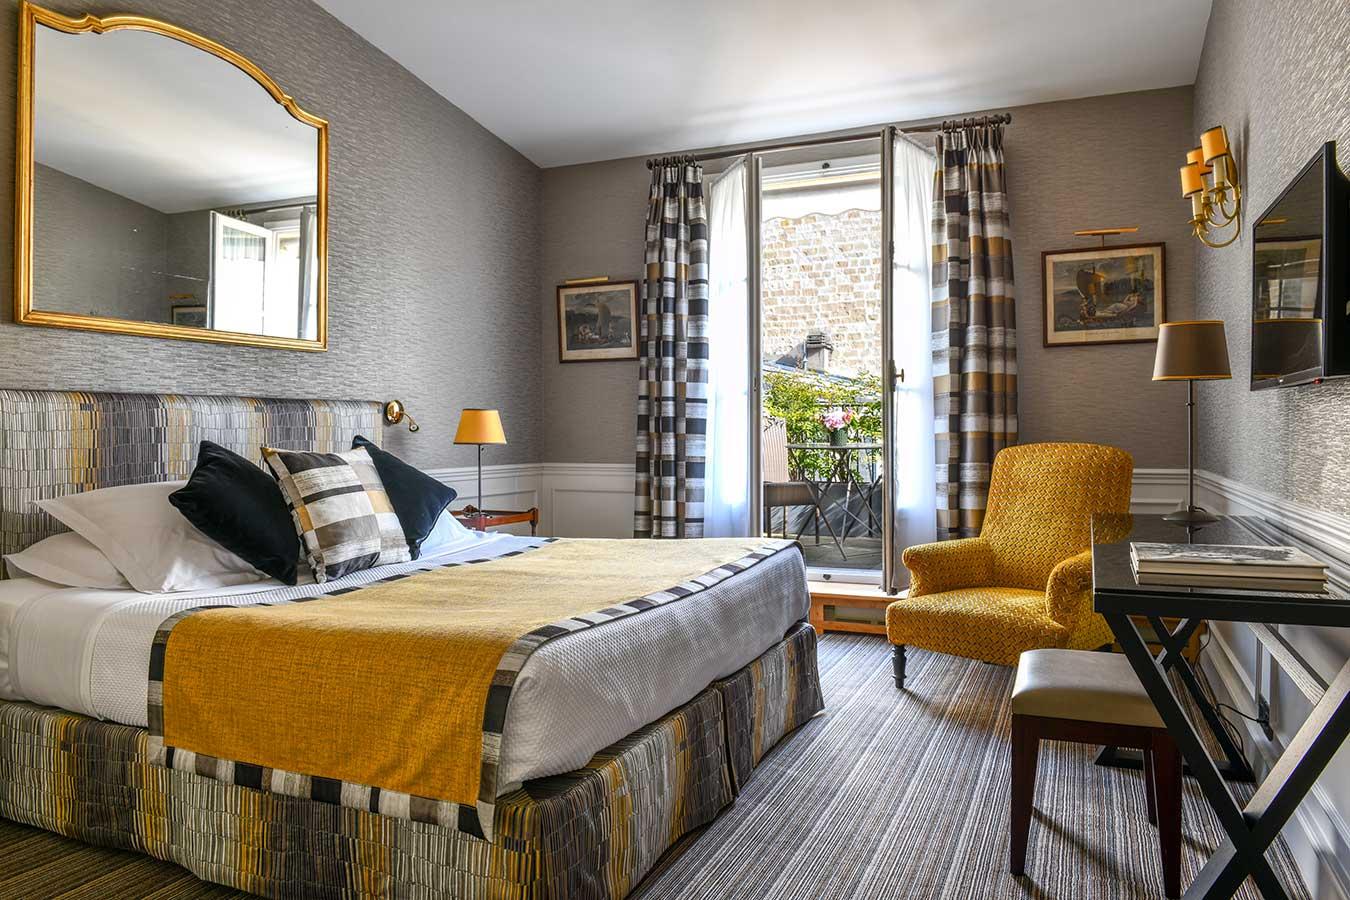 Appartement Terrasse - Grand lit avec miroir, fauteuil jaune, bureau, balcon donnant sur les toits de Paris, dans une harmonie de jaune, gris et noir